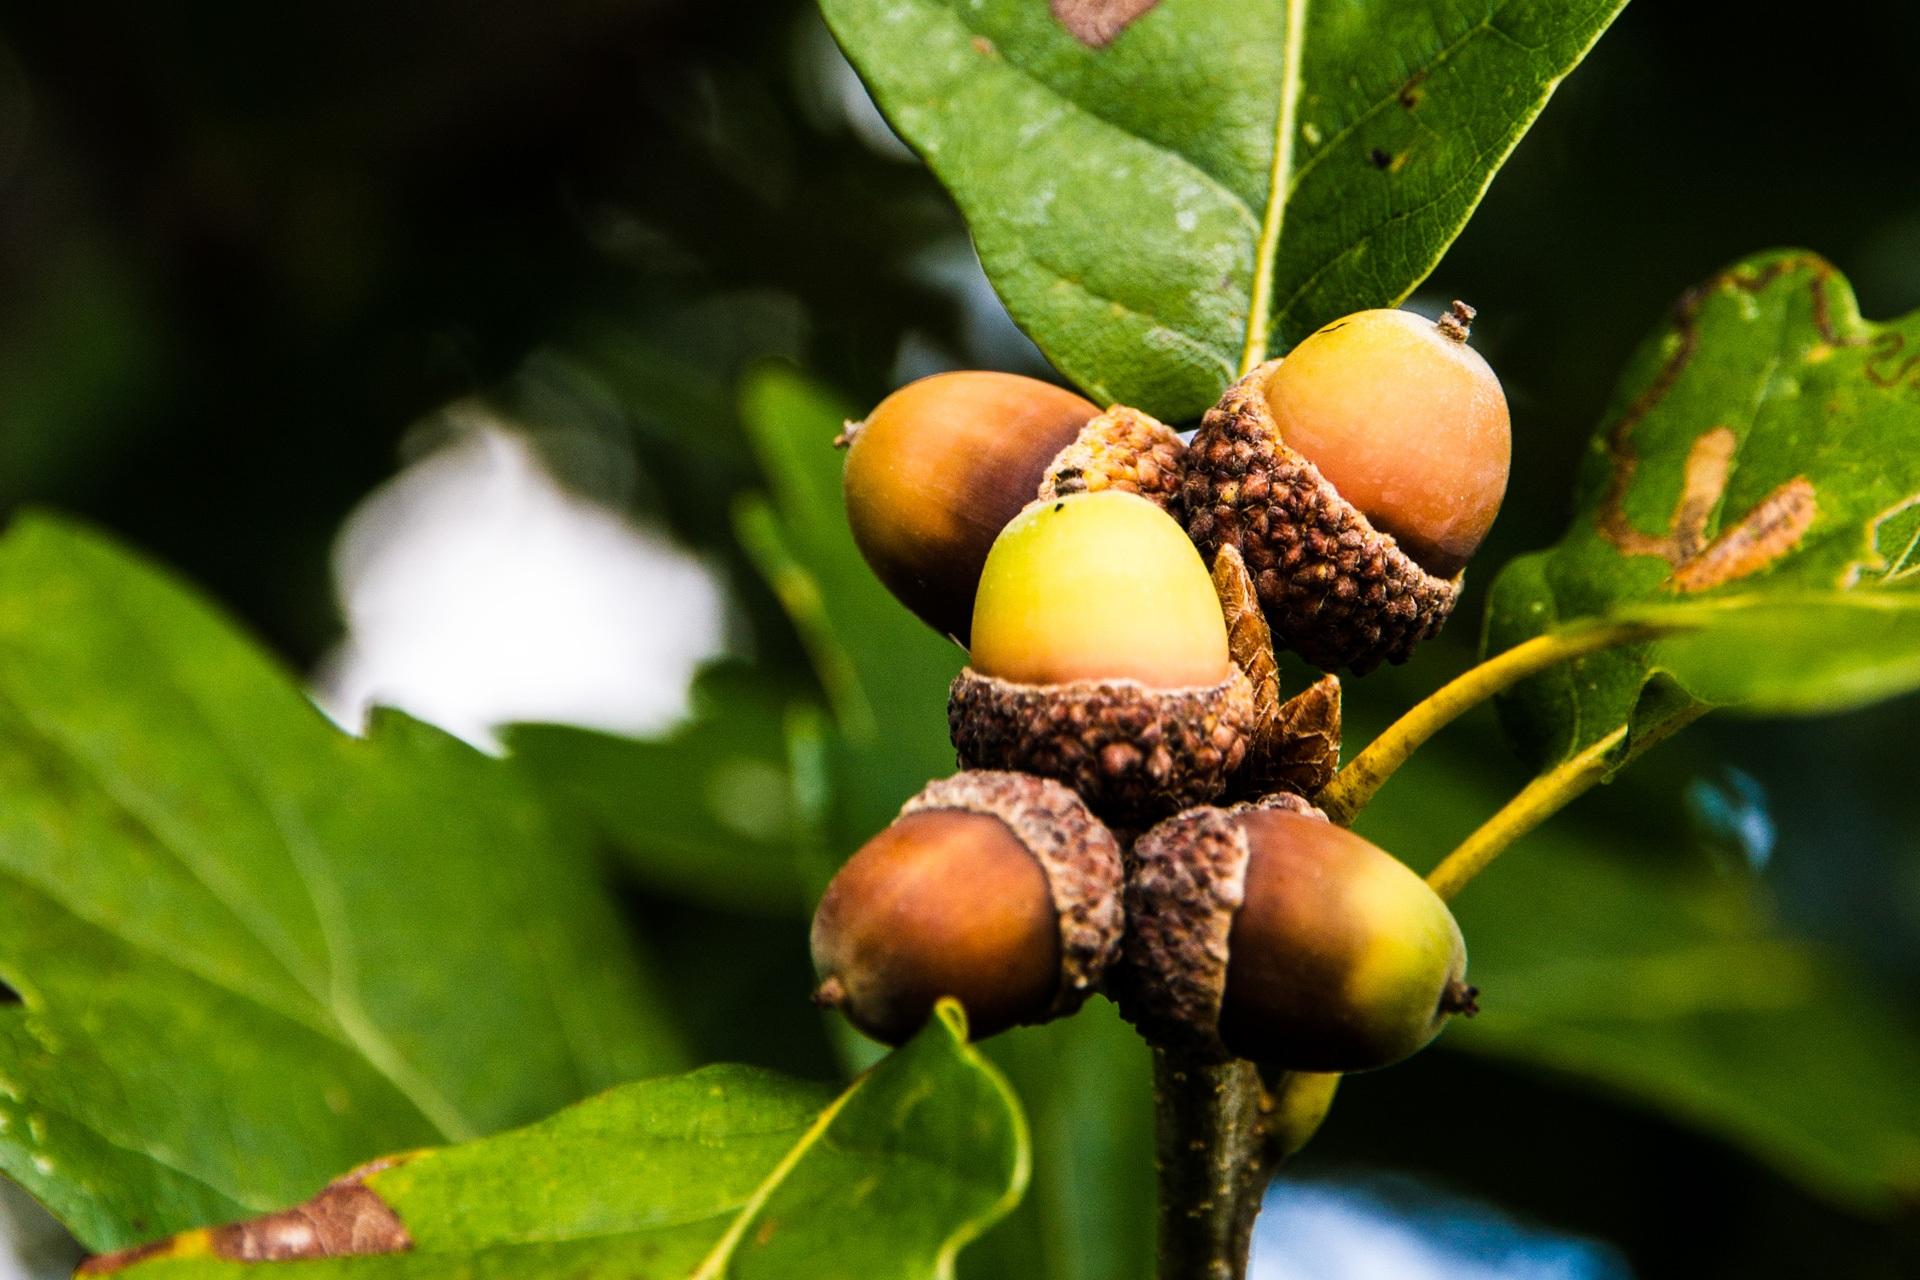 ... rừng, chi nhánh, thực vật, trái cây, món ăn, Sản xuất, Thường xanh, Mùa  thu, Hệ thực vật, cây rụng lá, Cây bụi, Cây sồi, Chồi, Acorns, ...